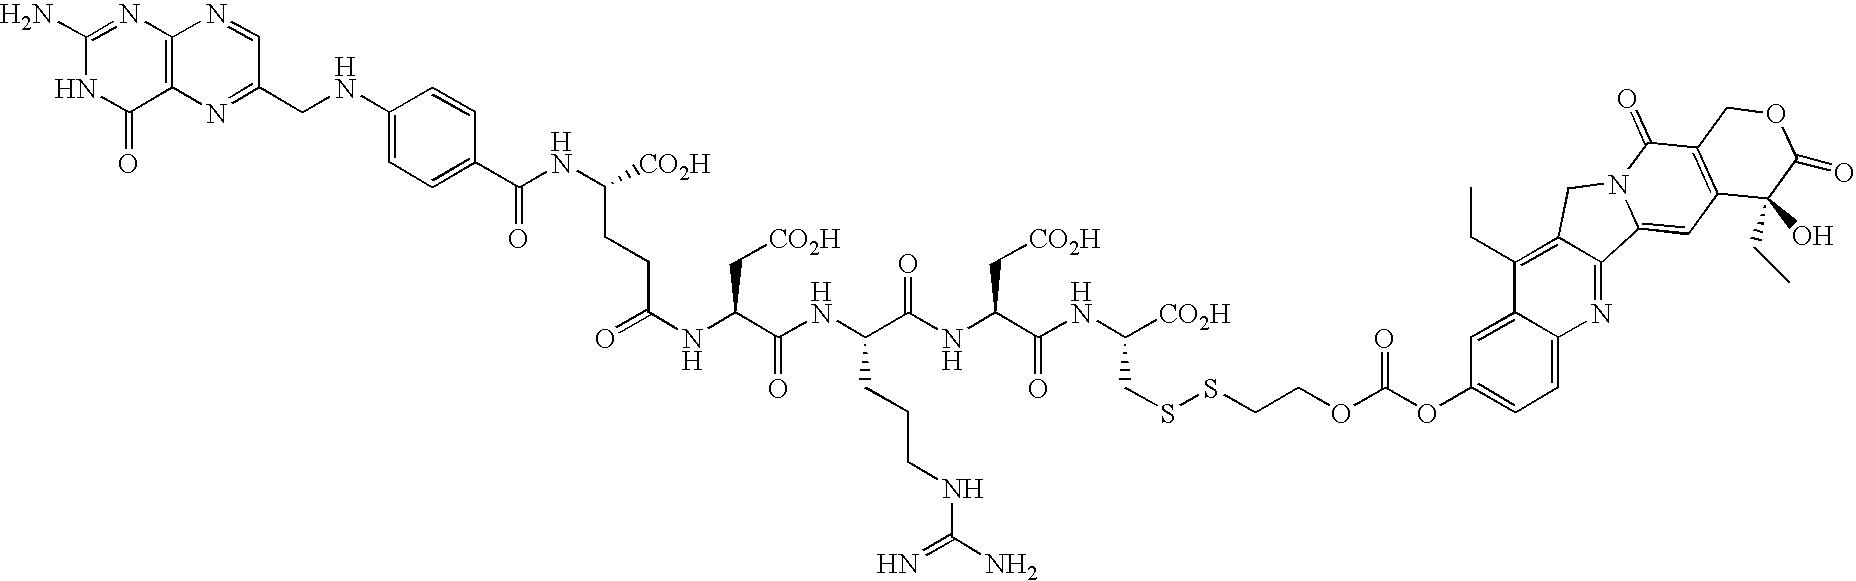 Figure US08105568-20120131-C00152